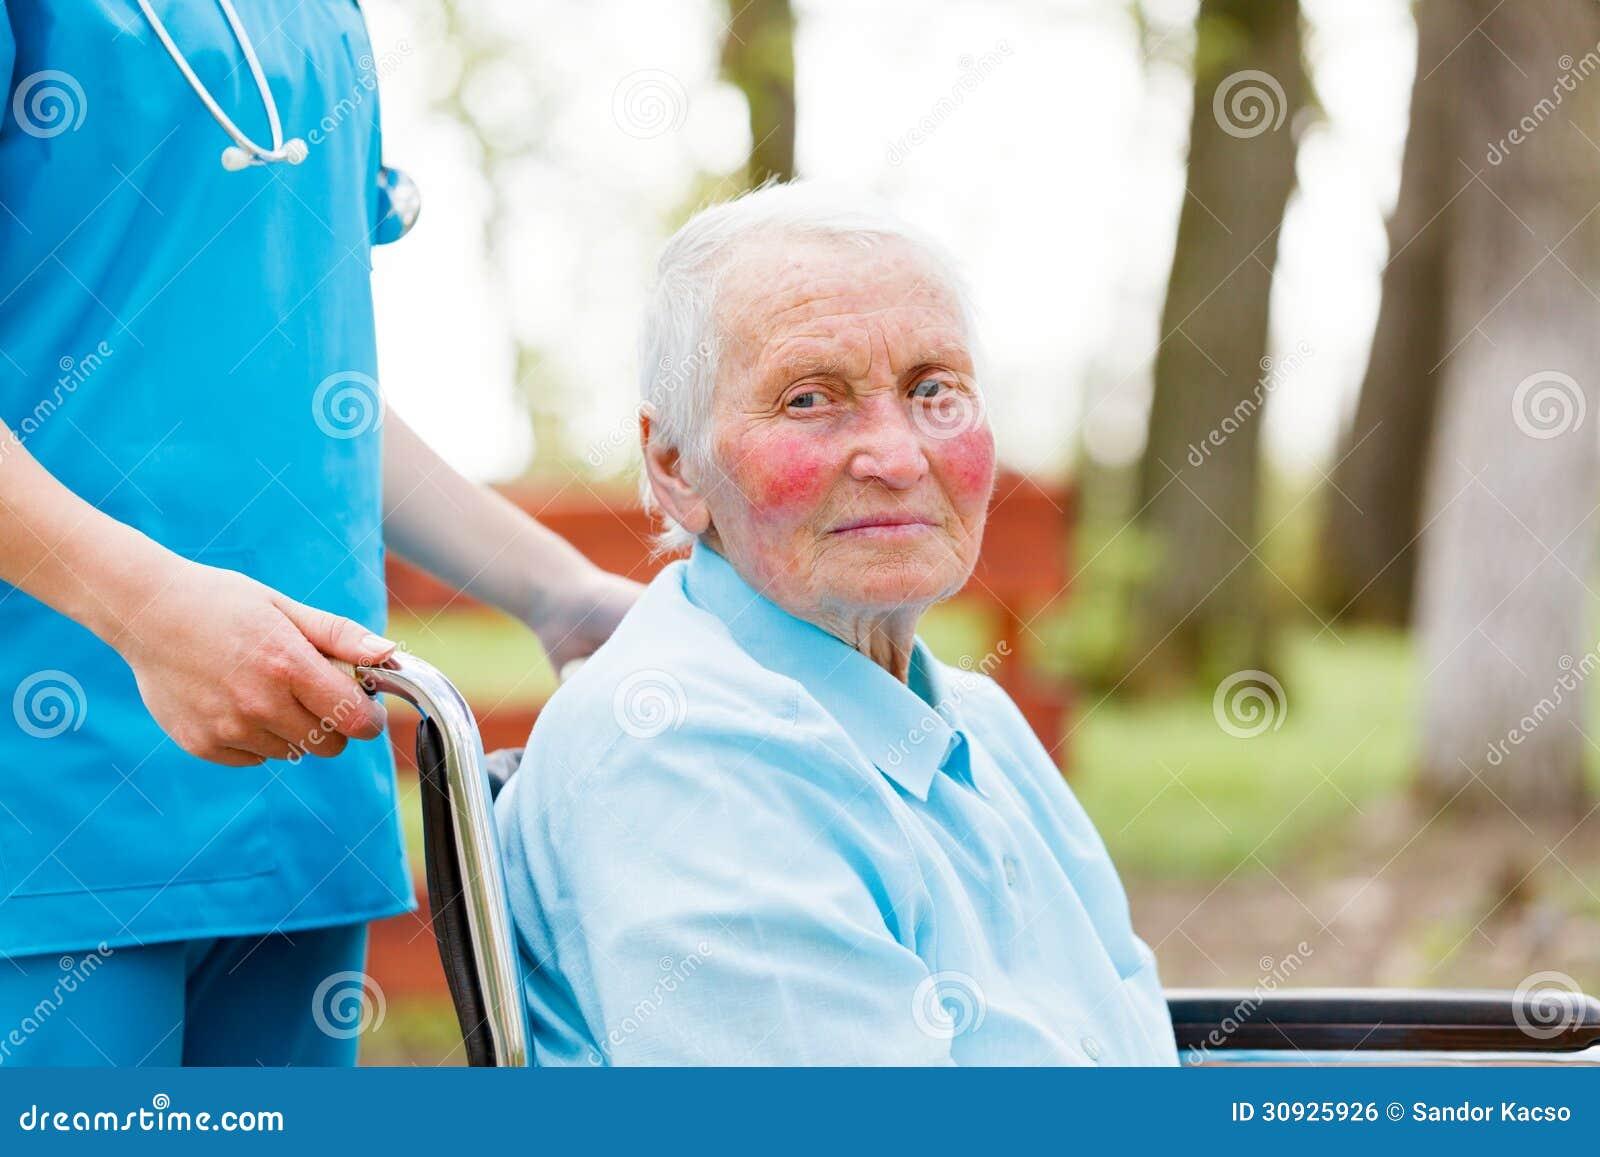 Camminando Con Una Signora Anziana In Sedia A Rotelle